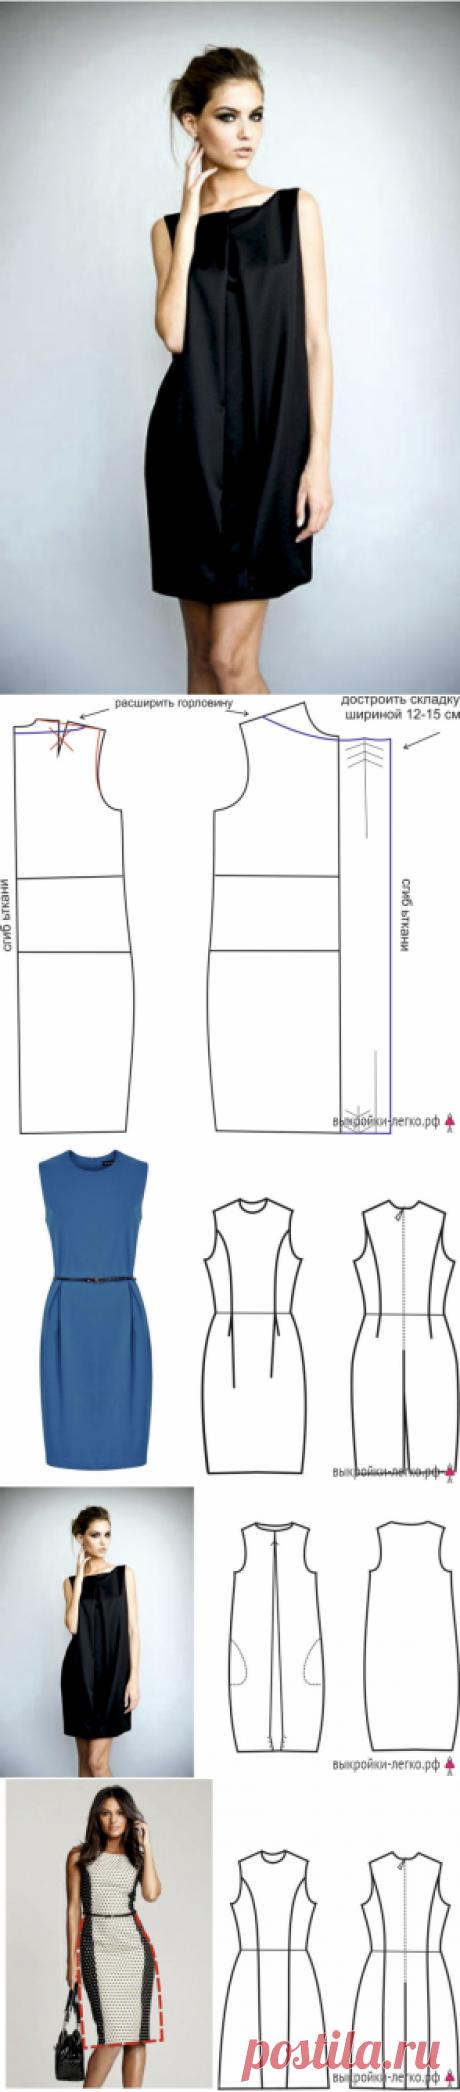 Платья на разные типы фигур для начинающих | Готовые выкройки и уроки по построению на Выкройки-Легко.рф